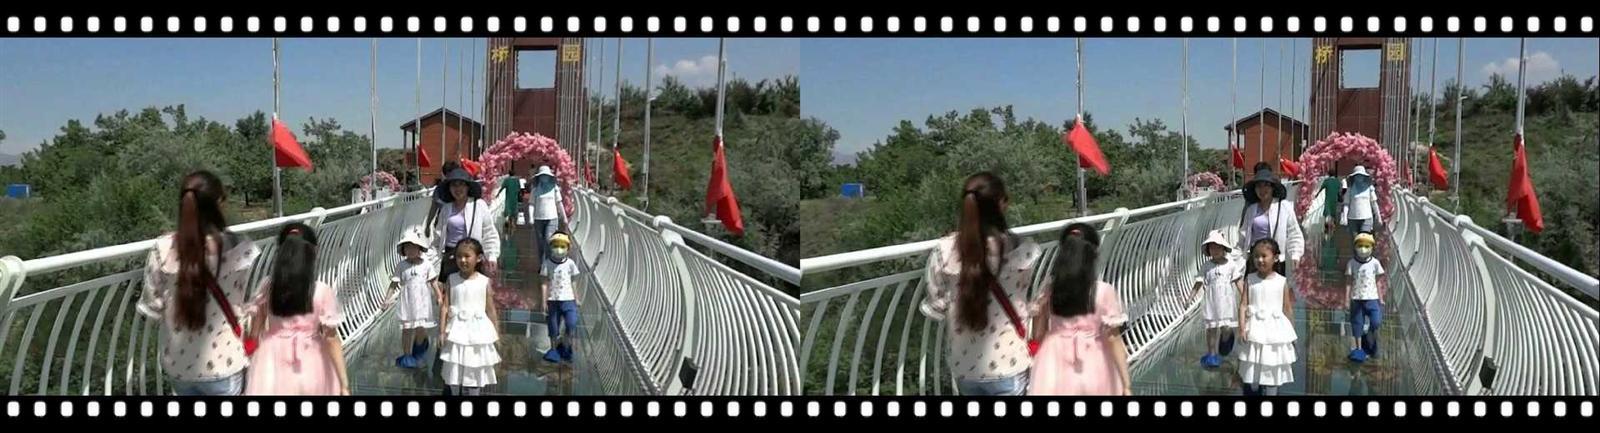 【原创】头晕目眩玻璃桥 -截图2